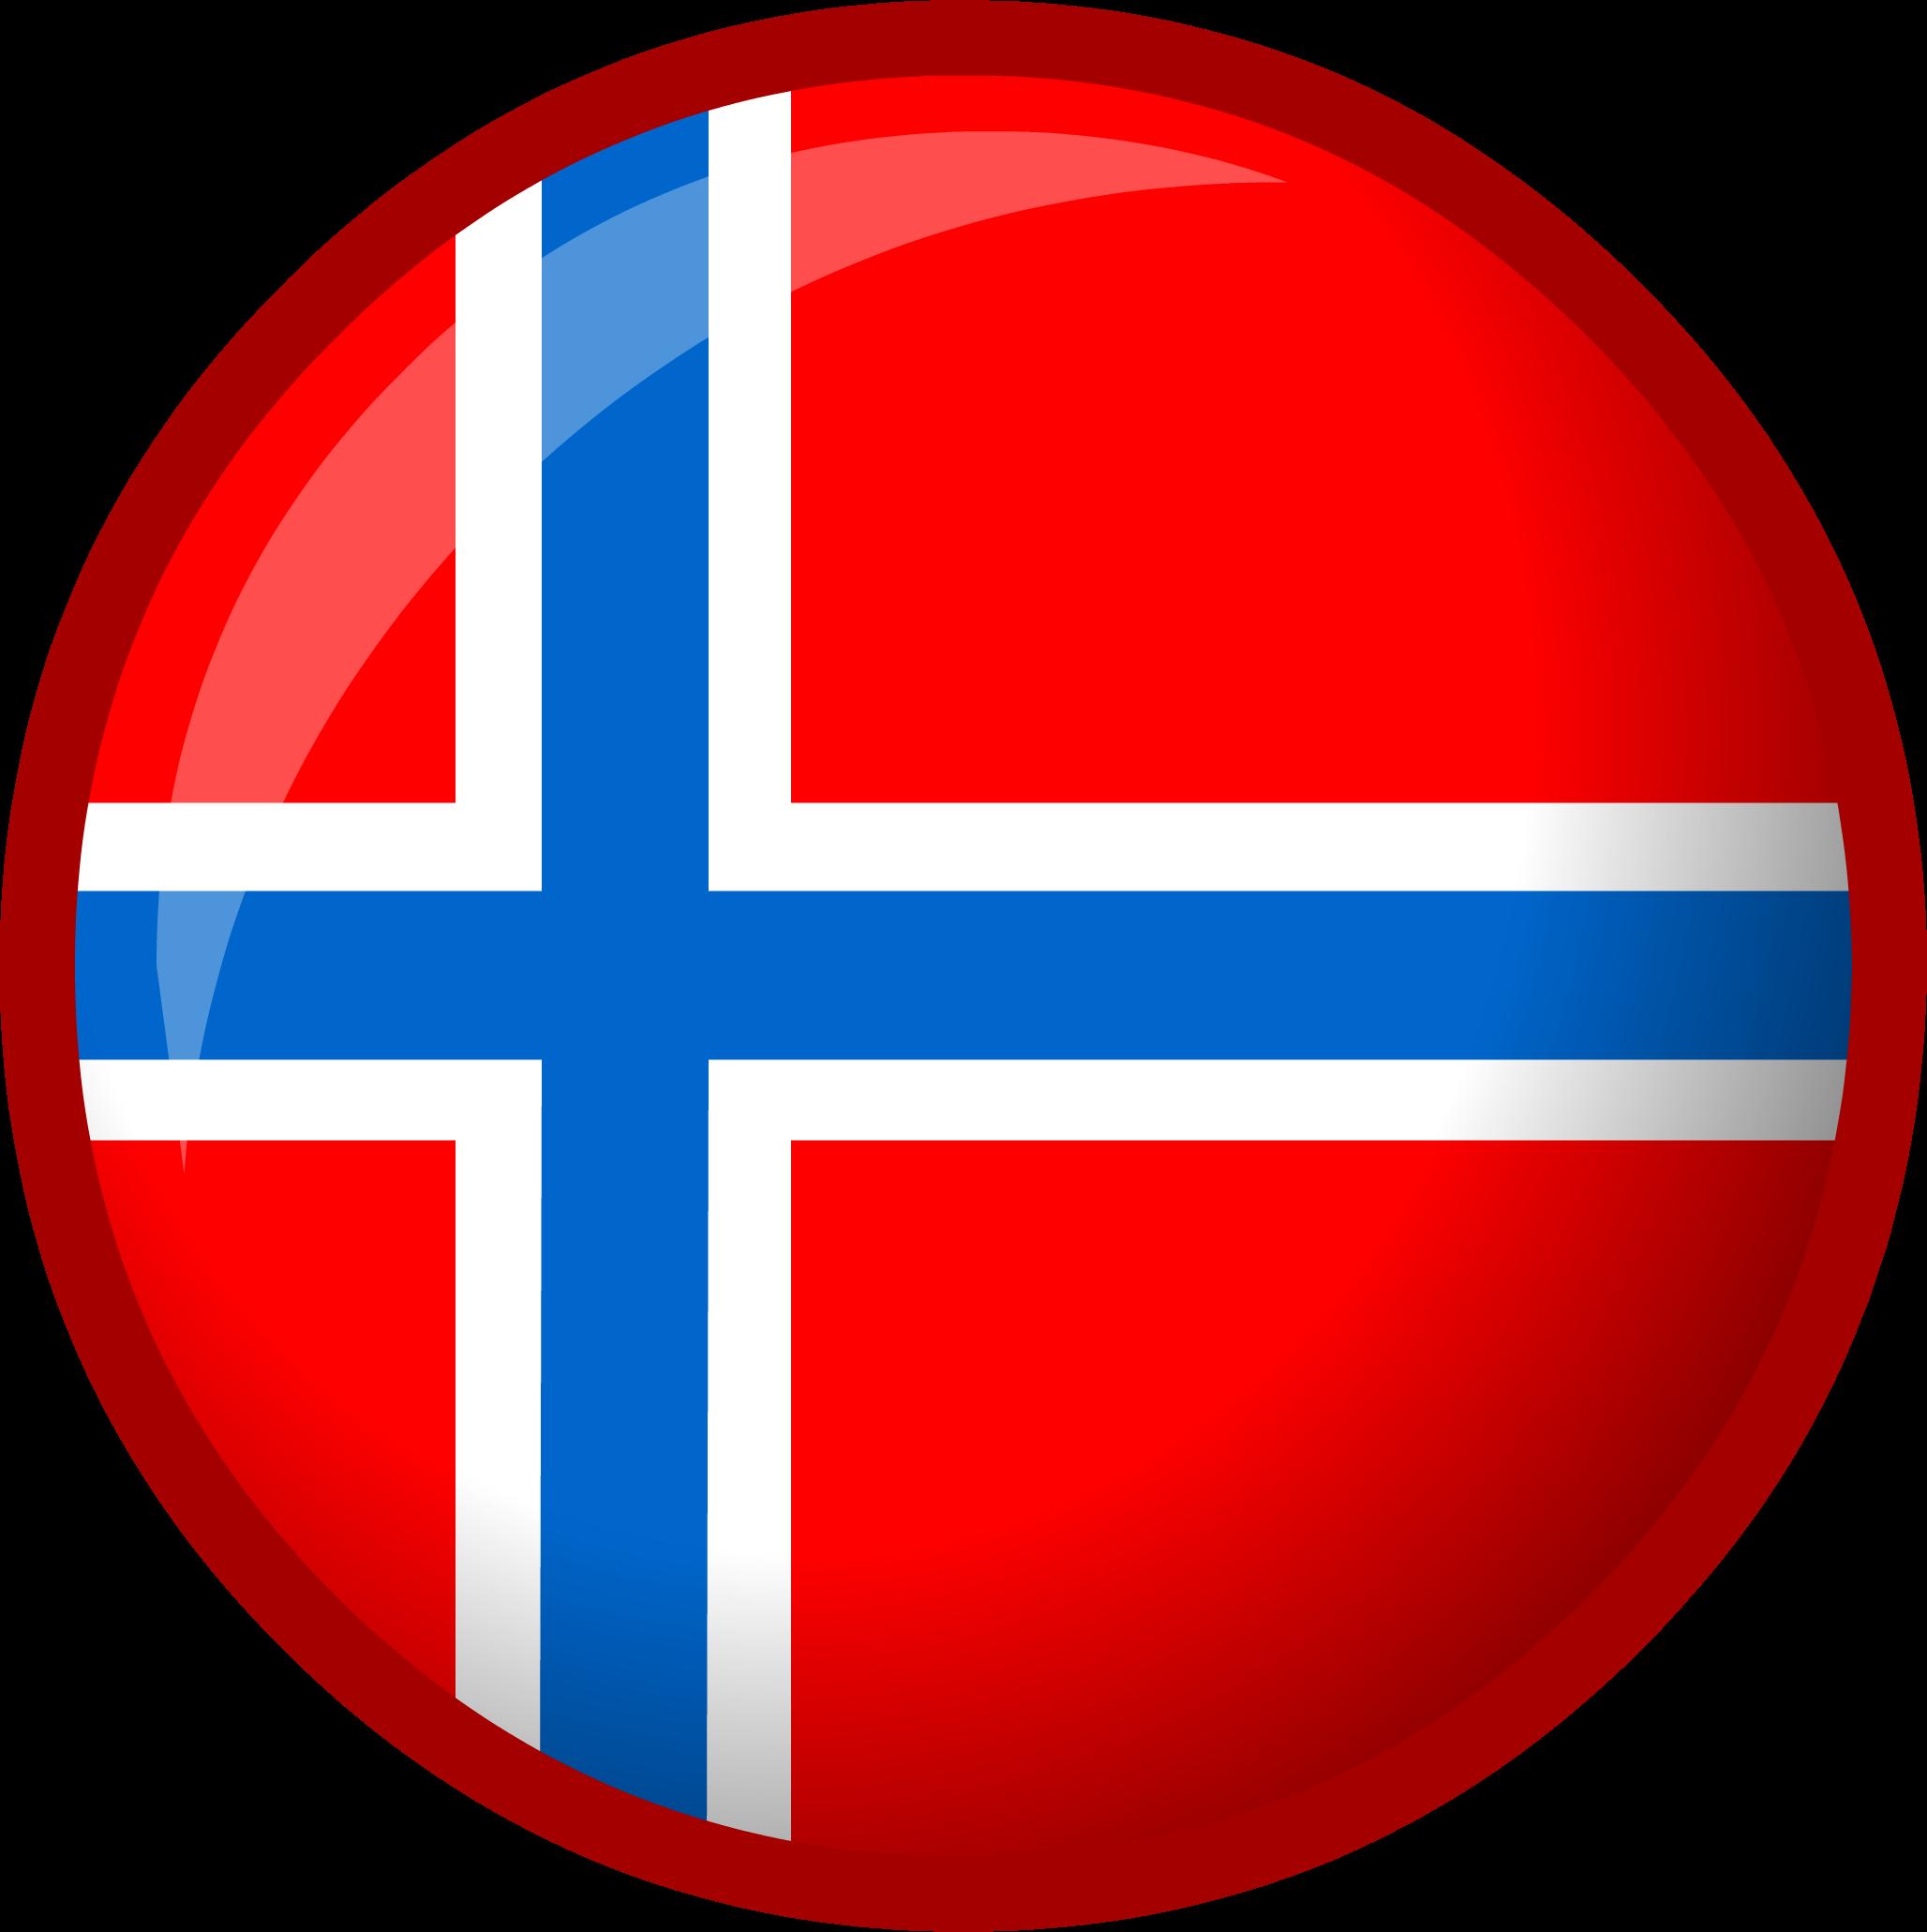 norwegian pornstars chat room norge